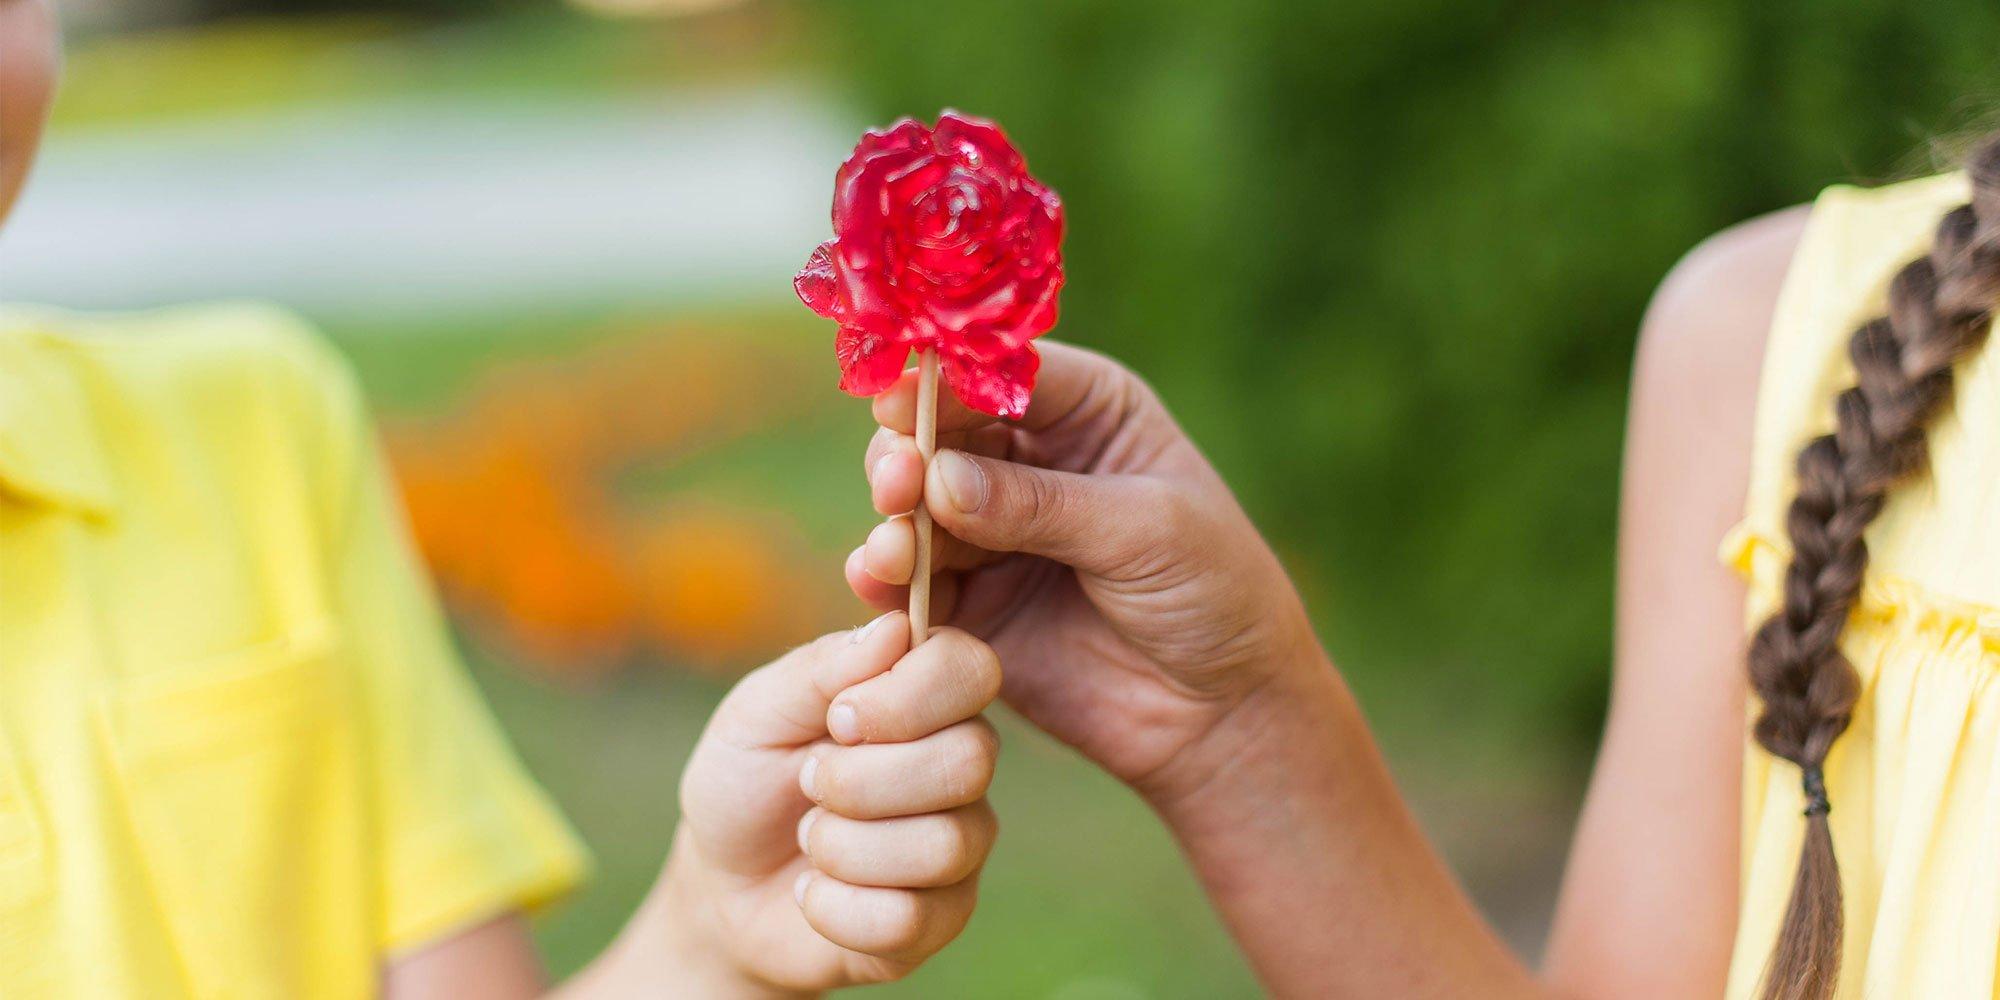 Карамельные розы - леденцы на палочке